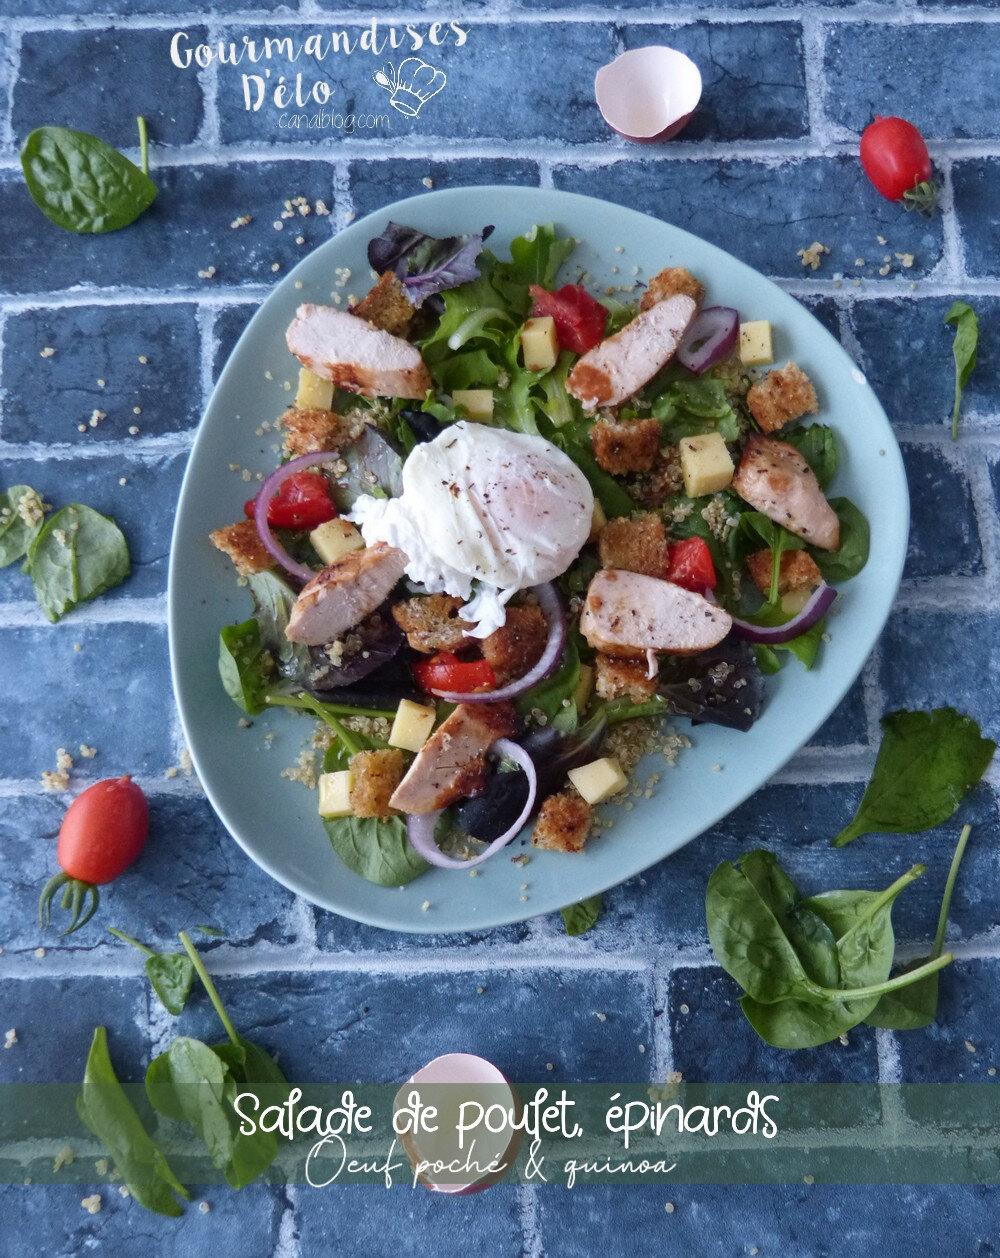 Salade de poulet, épinards, œuf et quinoa